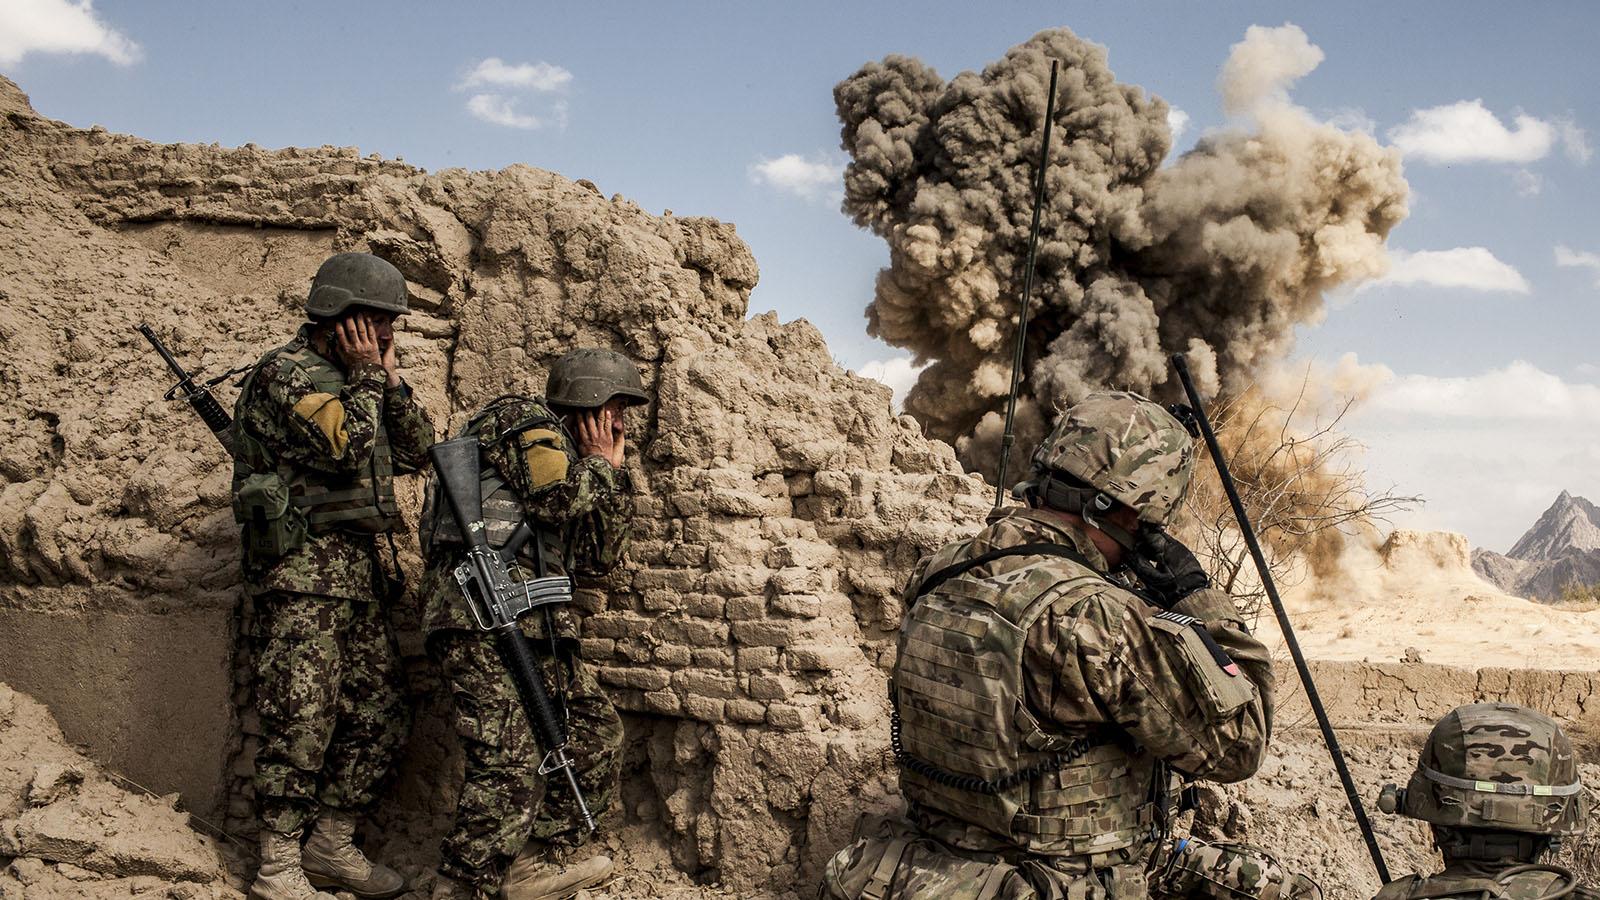 کشته شدن ۱۴۷ هزار شهروند افغانستان در طولانی ترین جنگ آمریکا